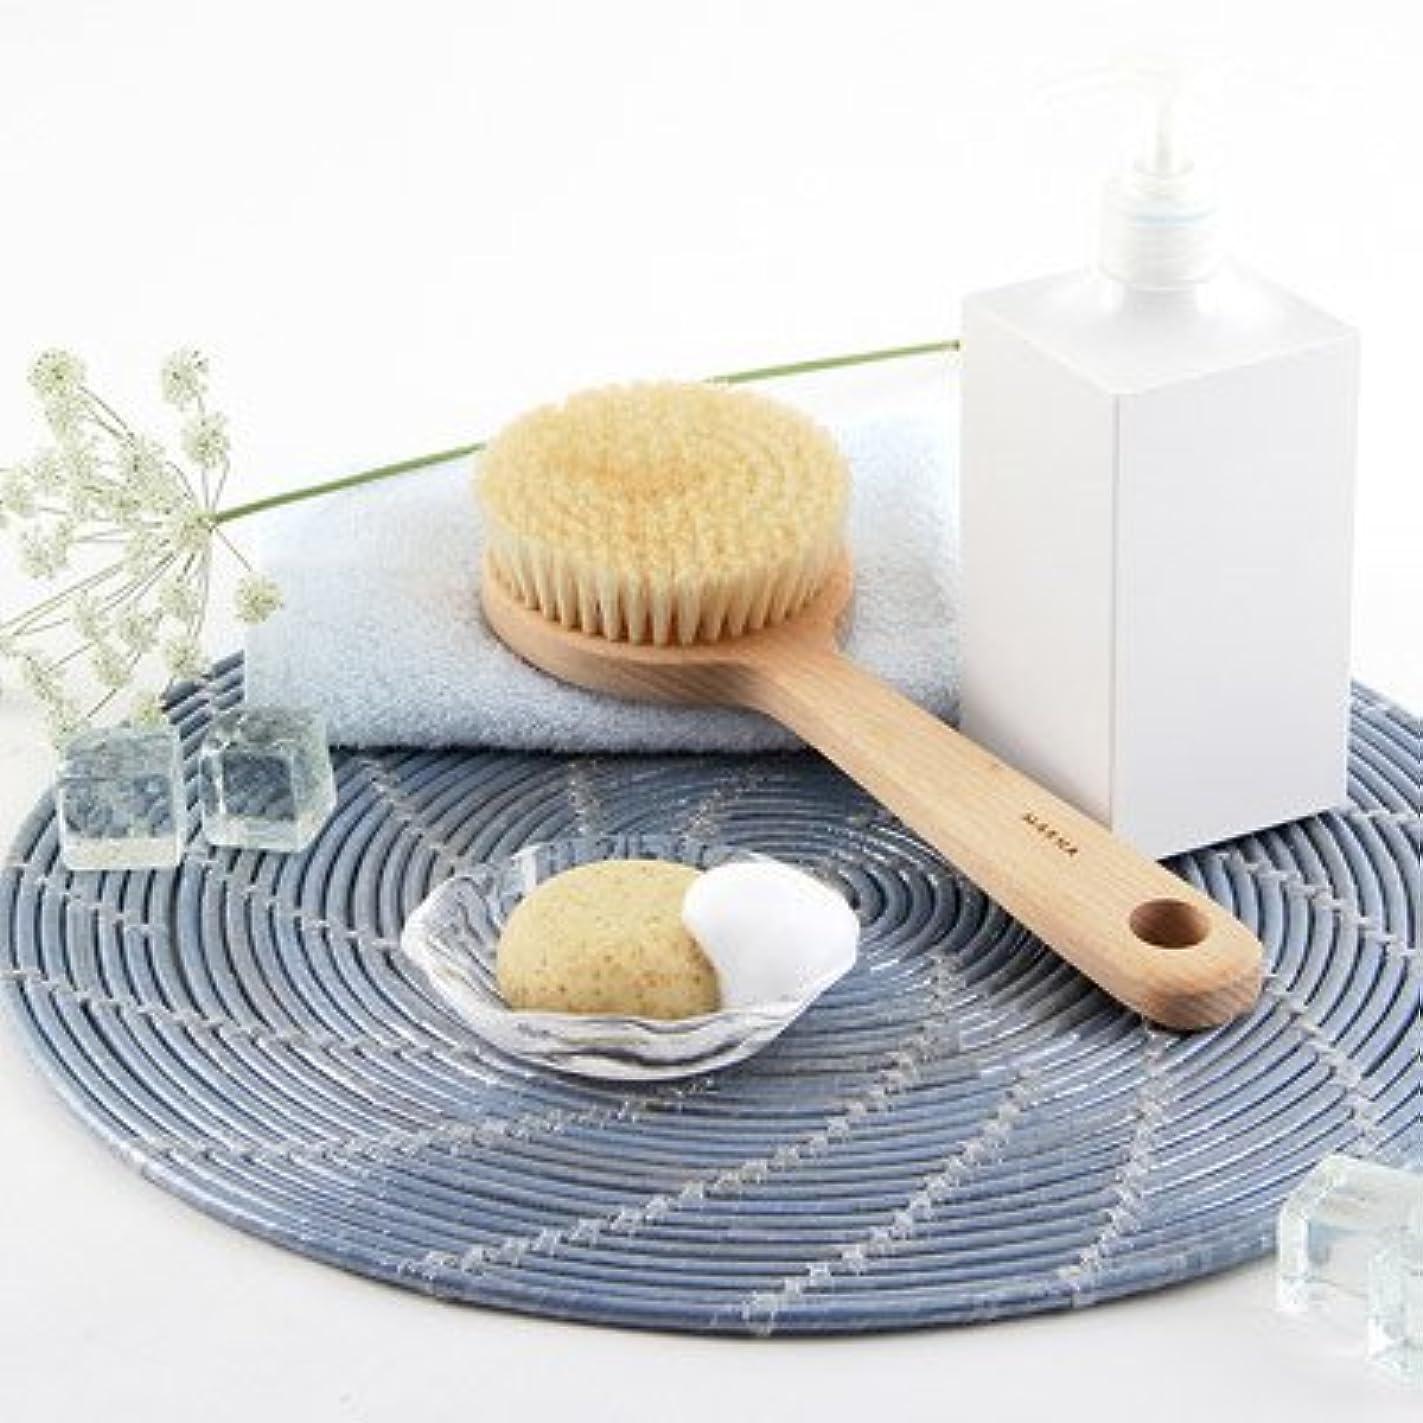 め言葉ルーム翻訳するフルーツ30品や蜂蜜で作られた石鹸 38プレミアム